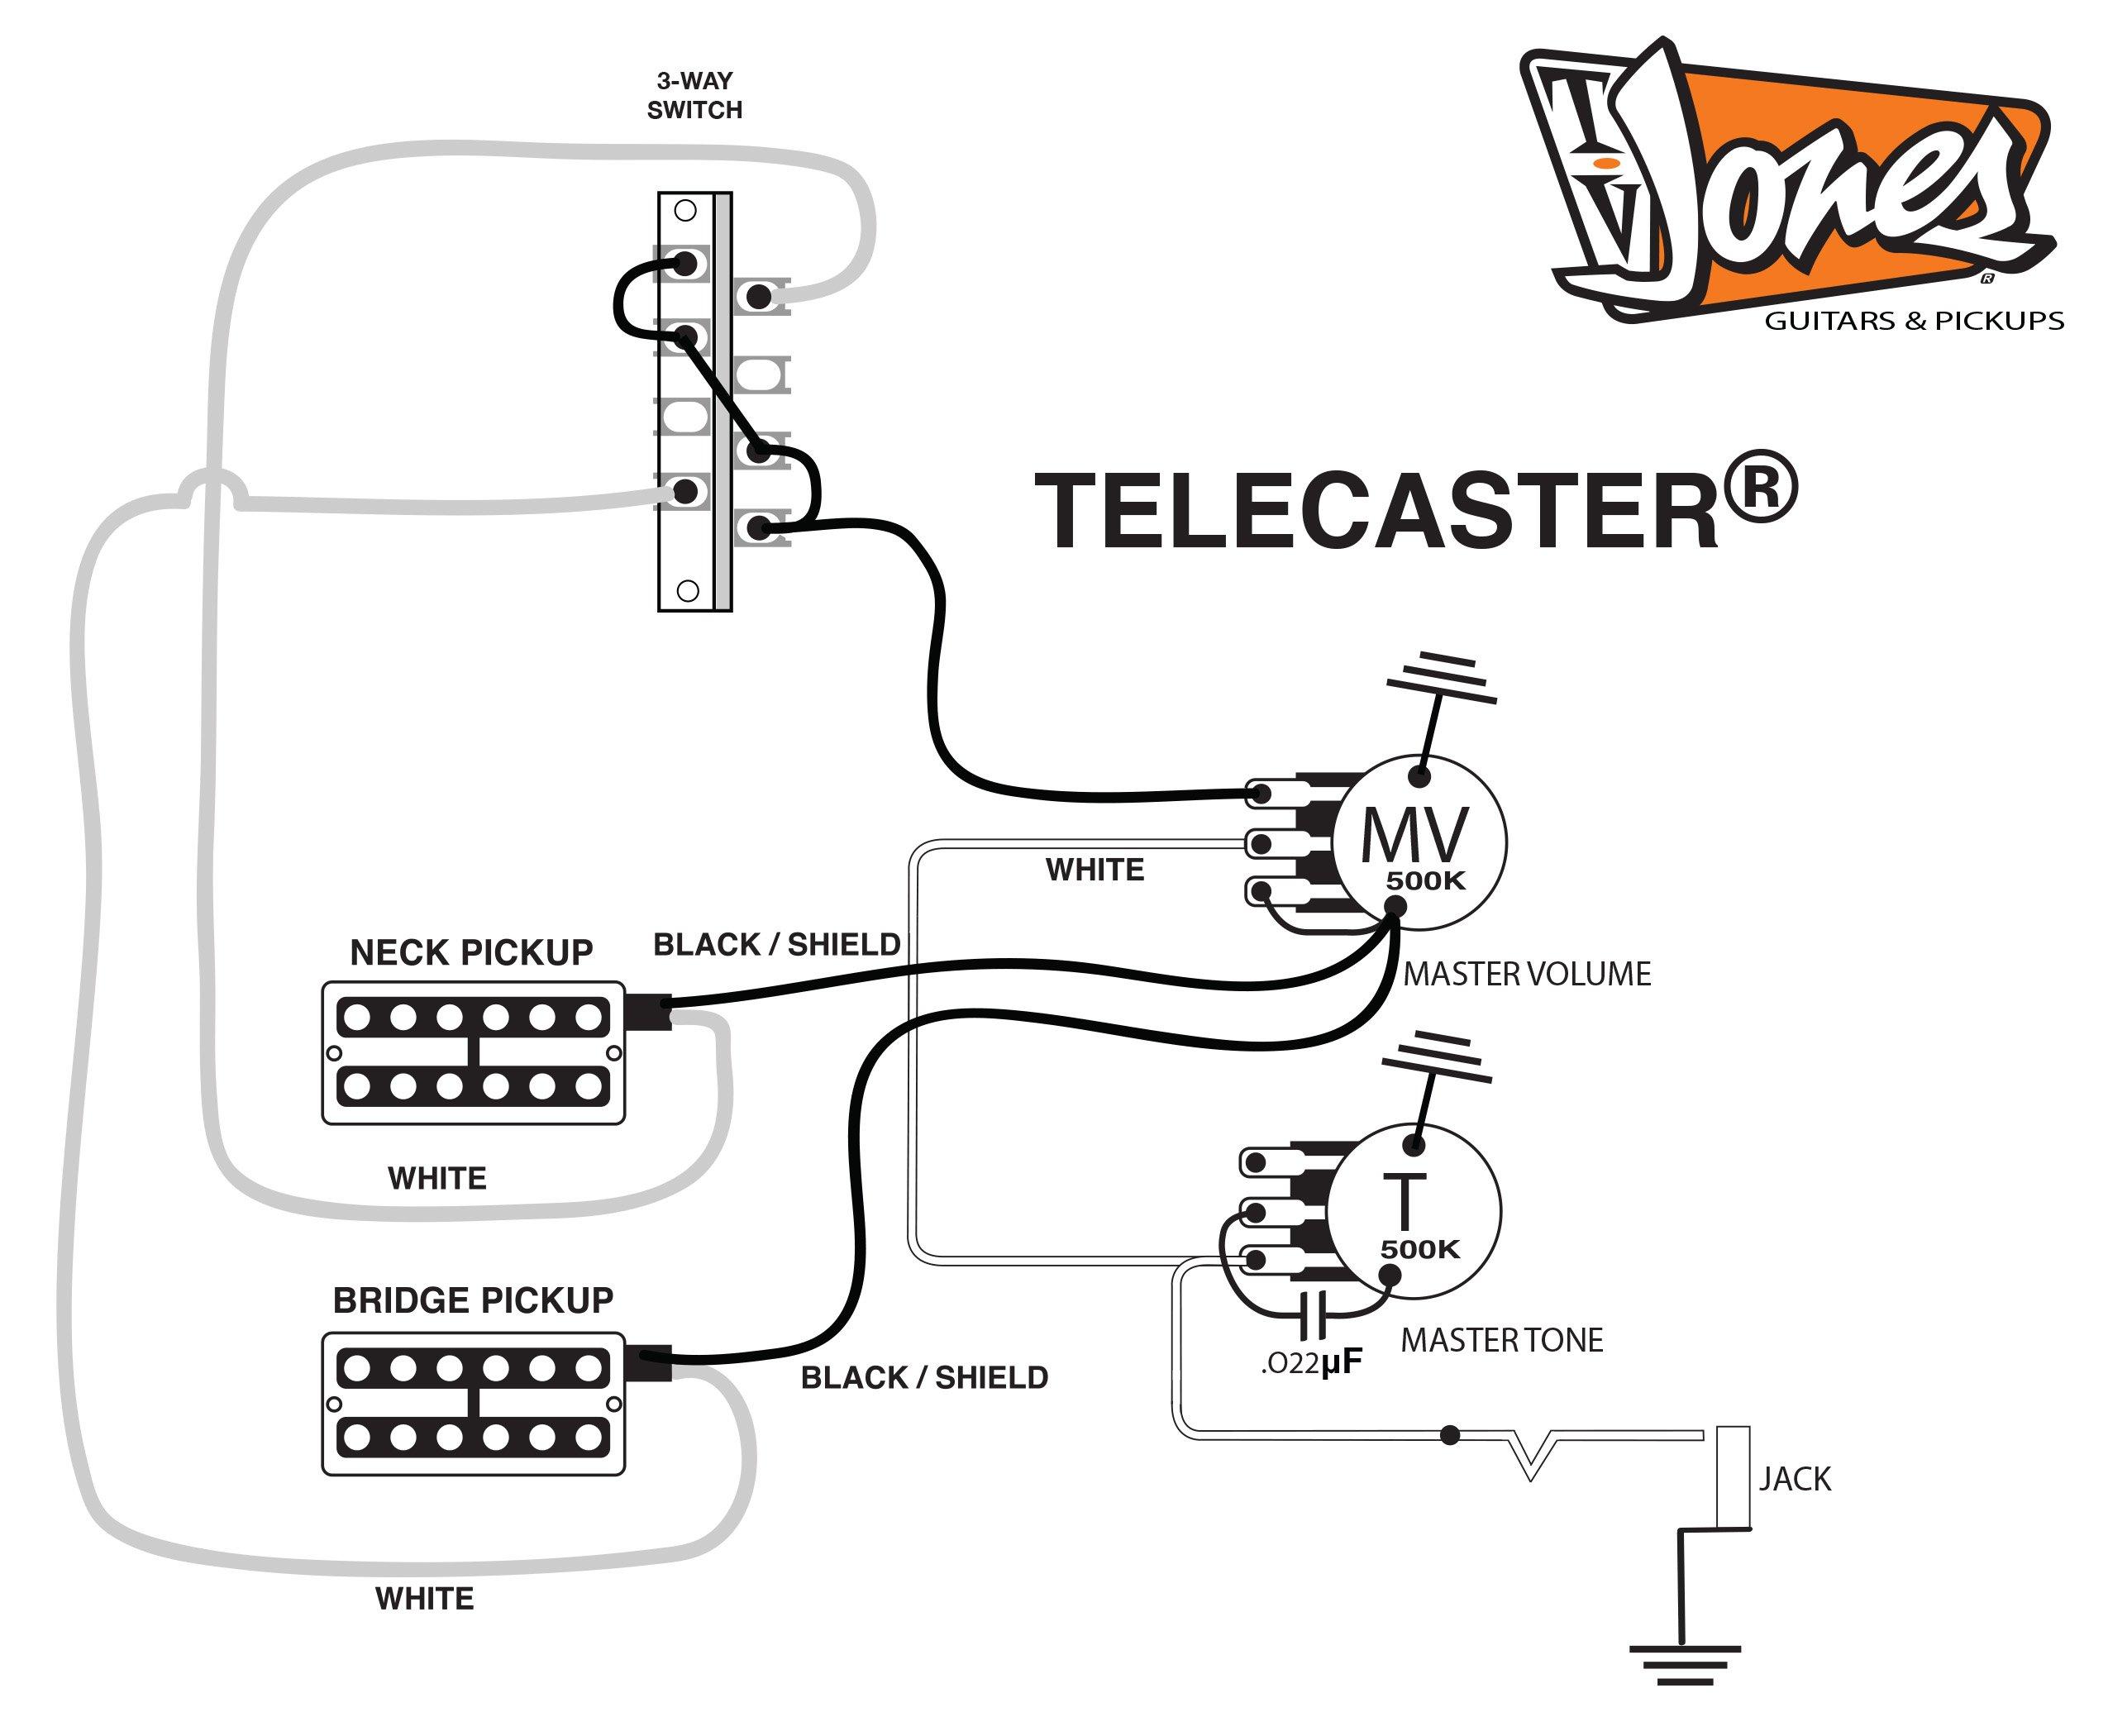 On Mini Dvi Wiring Diagram Free Diagram